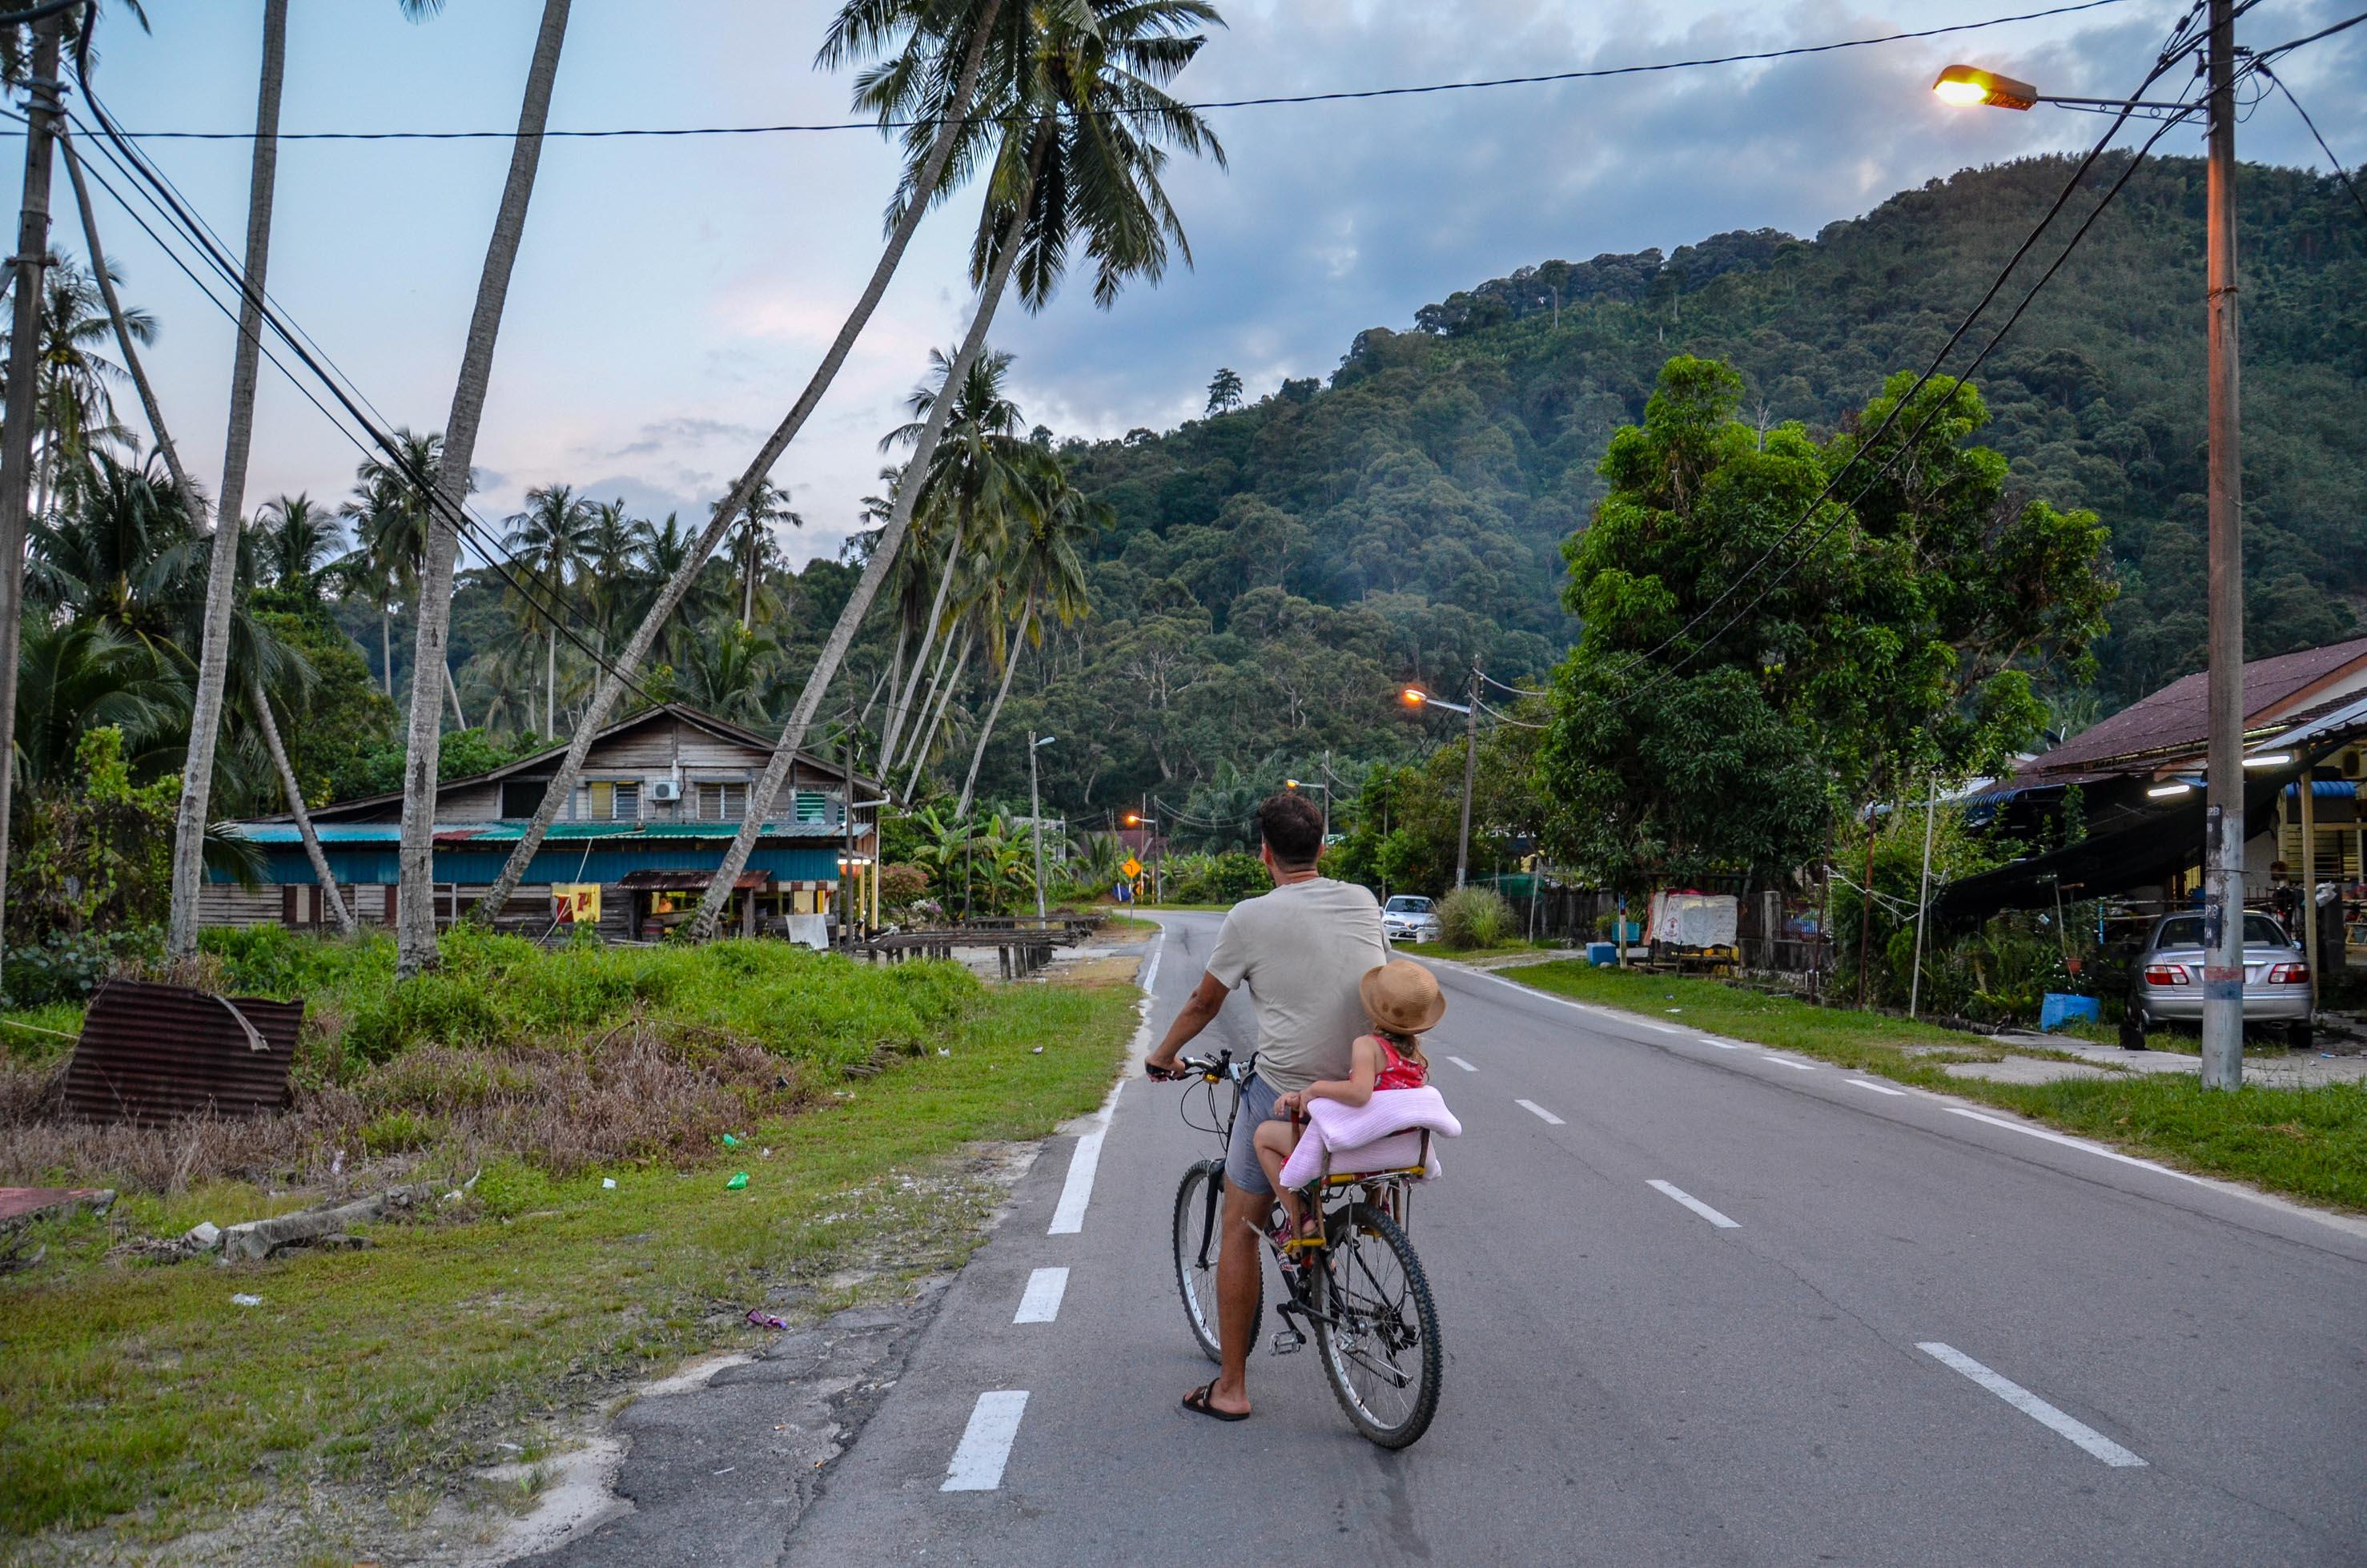 Podróżowanie na rowerze. Balik Pulau, Malezja